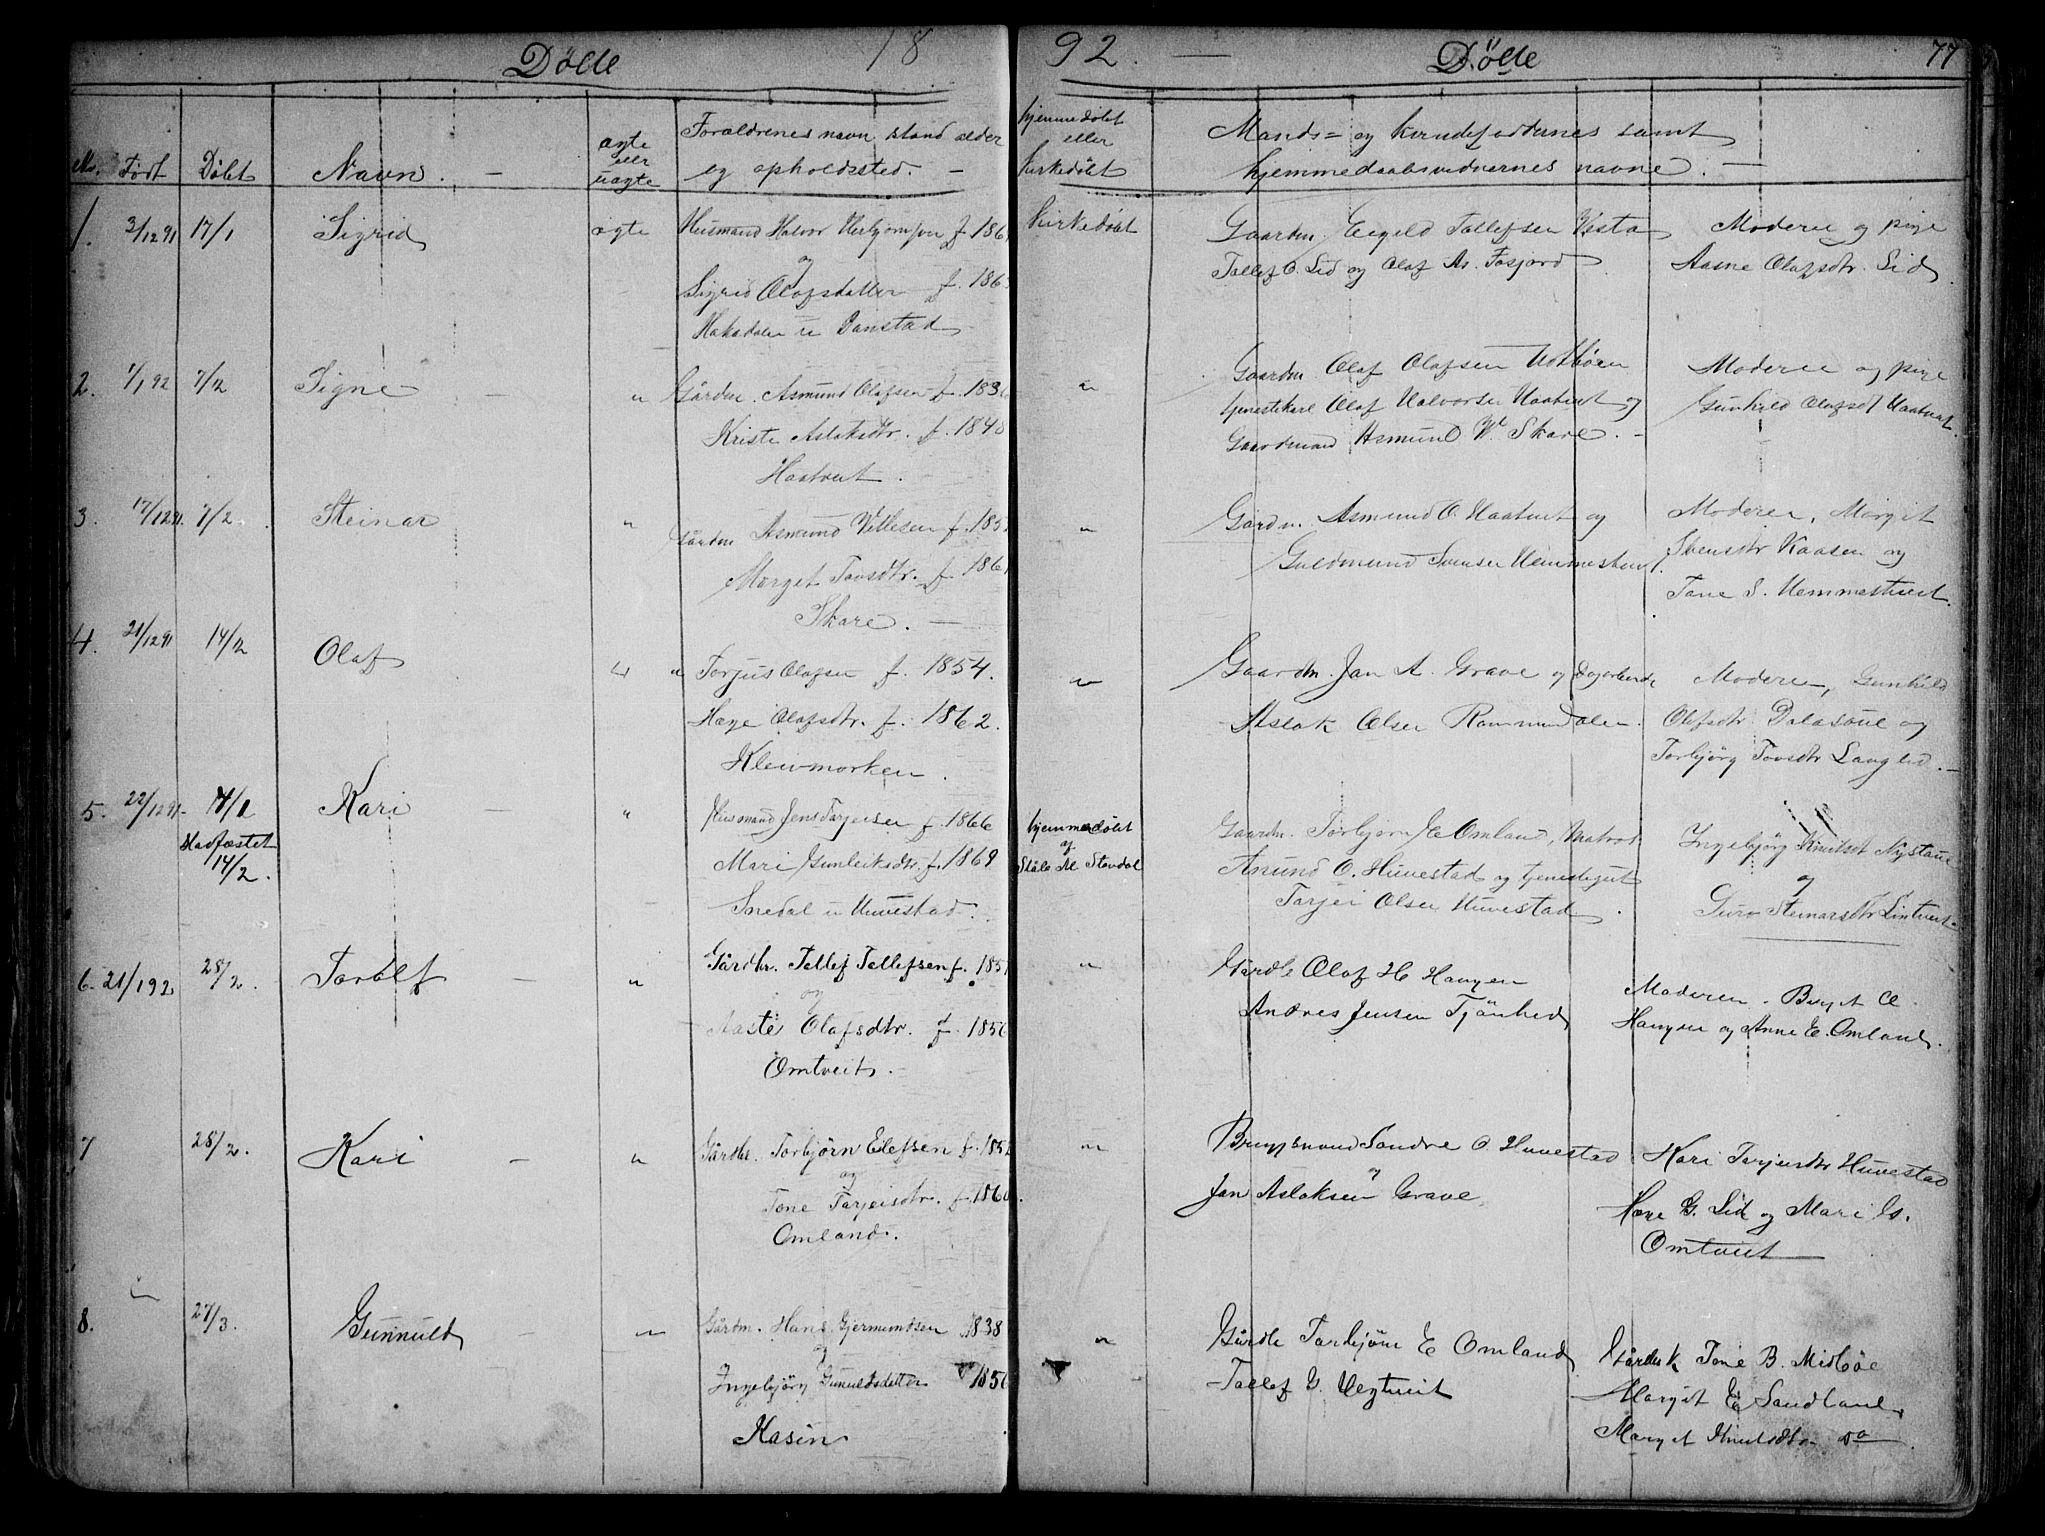 SAKO, Kviteseid kirkebøker, G/Gb/L0002: Klokkerbok nr. II 2, 1850-1892, s. 77